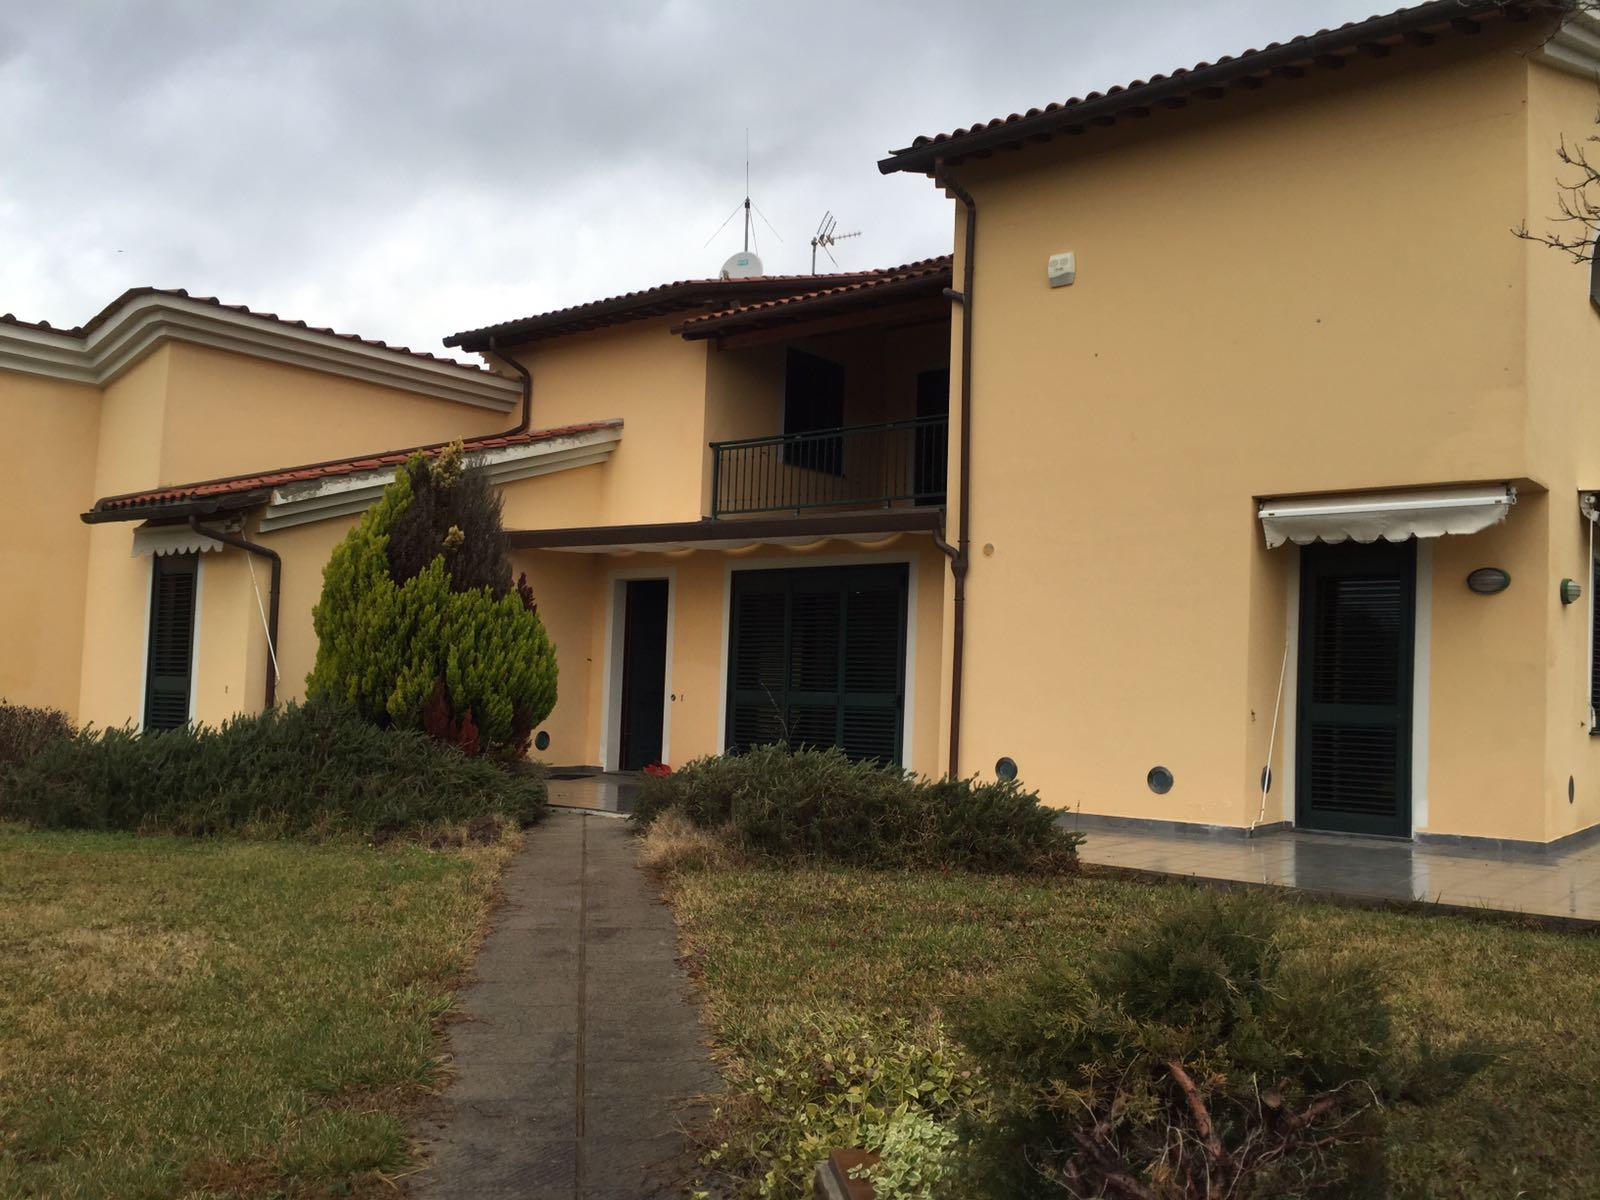 Villa in affitto a San Giuliano Terme, 10 locali, zona Zona: Arena-Metato, prezzo € 2.000 | Cambio Casa.it